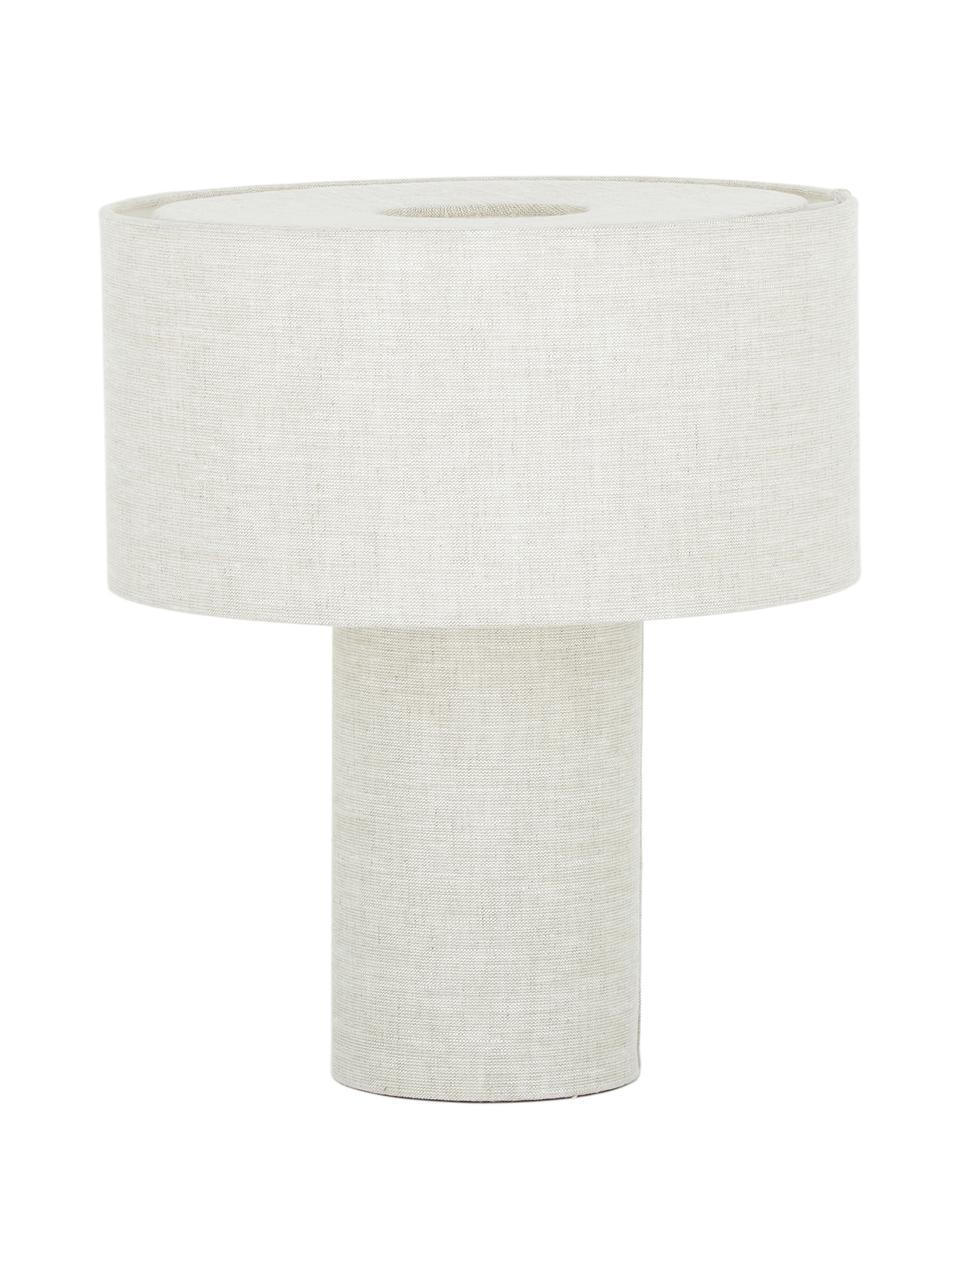 Tafellamp Ron van stof, Lampenkap: textiel, Lampvoet: textiel, Diffuser: textiel, Lampenkap: grijs. Lampvoet: grijs. Snoer: wit, Ø 30 x H 35 cm